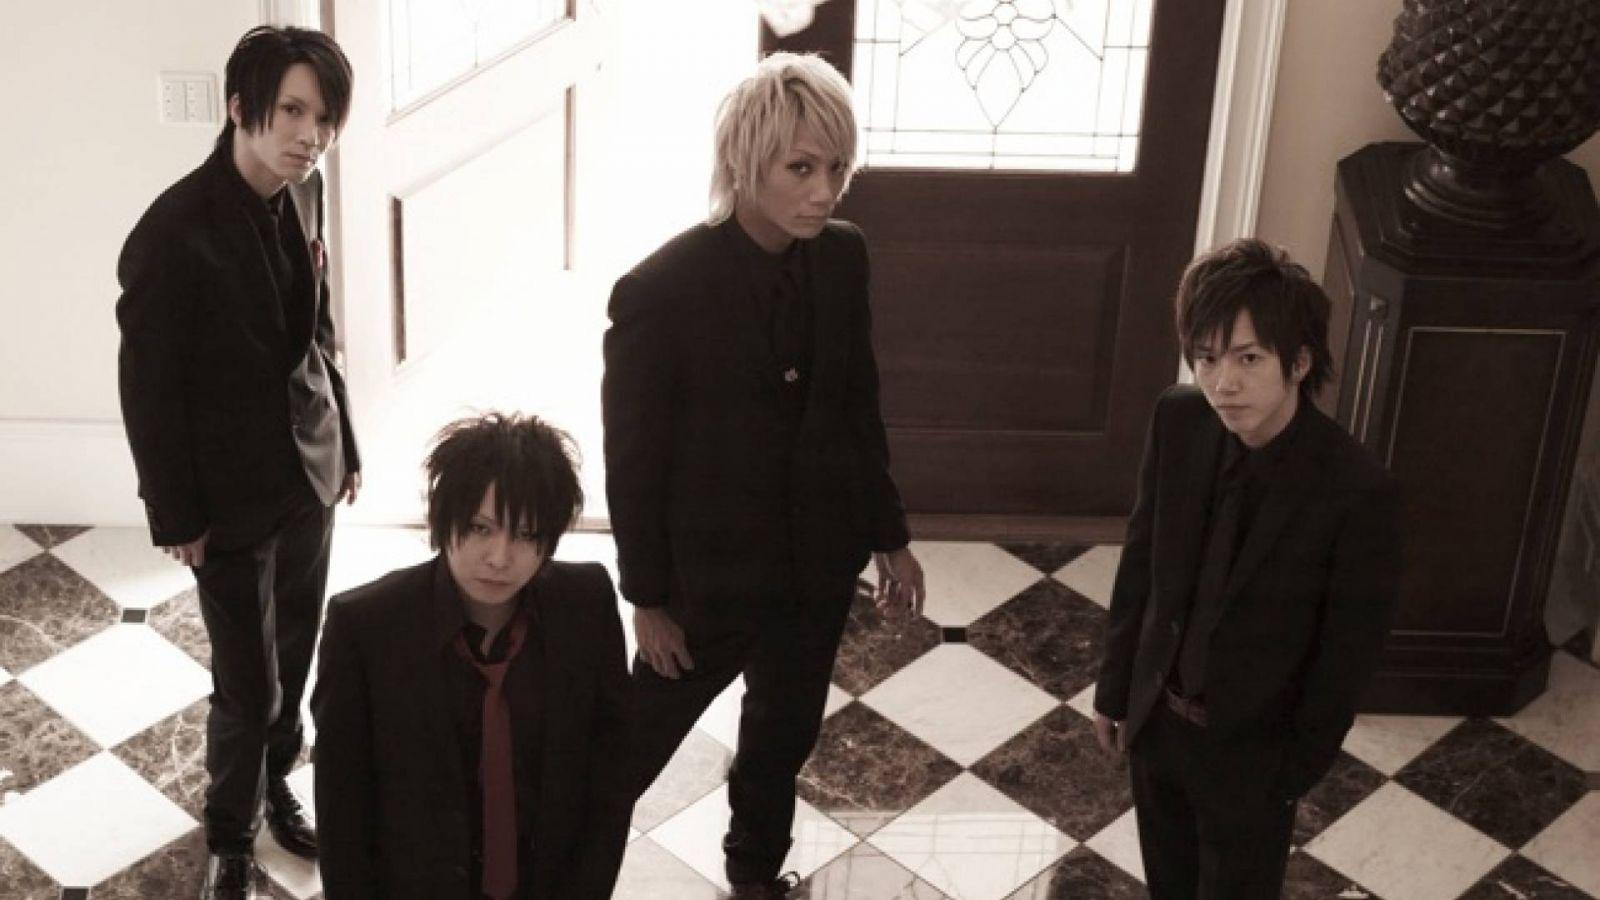 Kra anuncia novos lançamentos para o segundo semestre de 2010 © CLJ Records